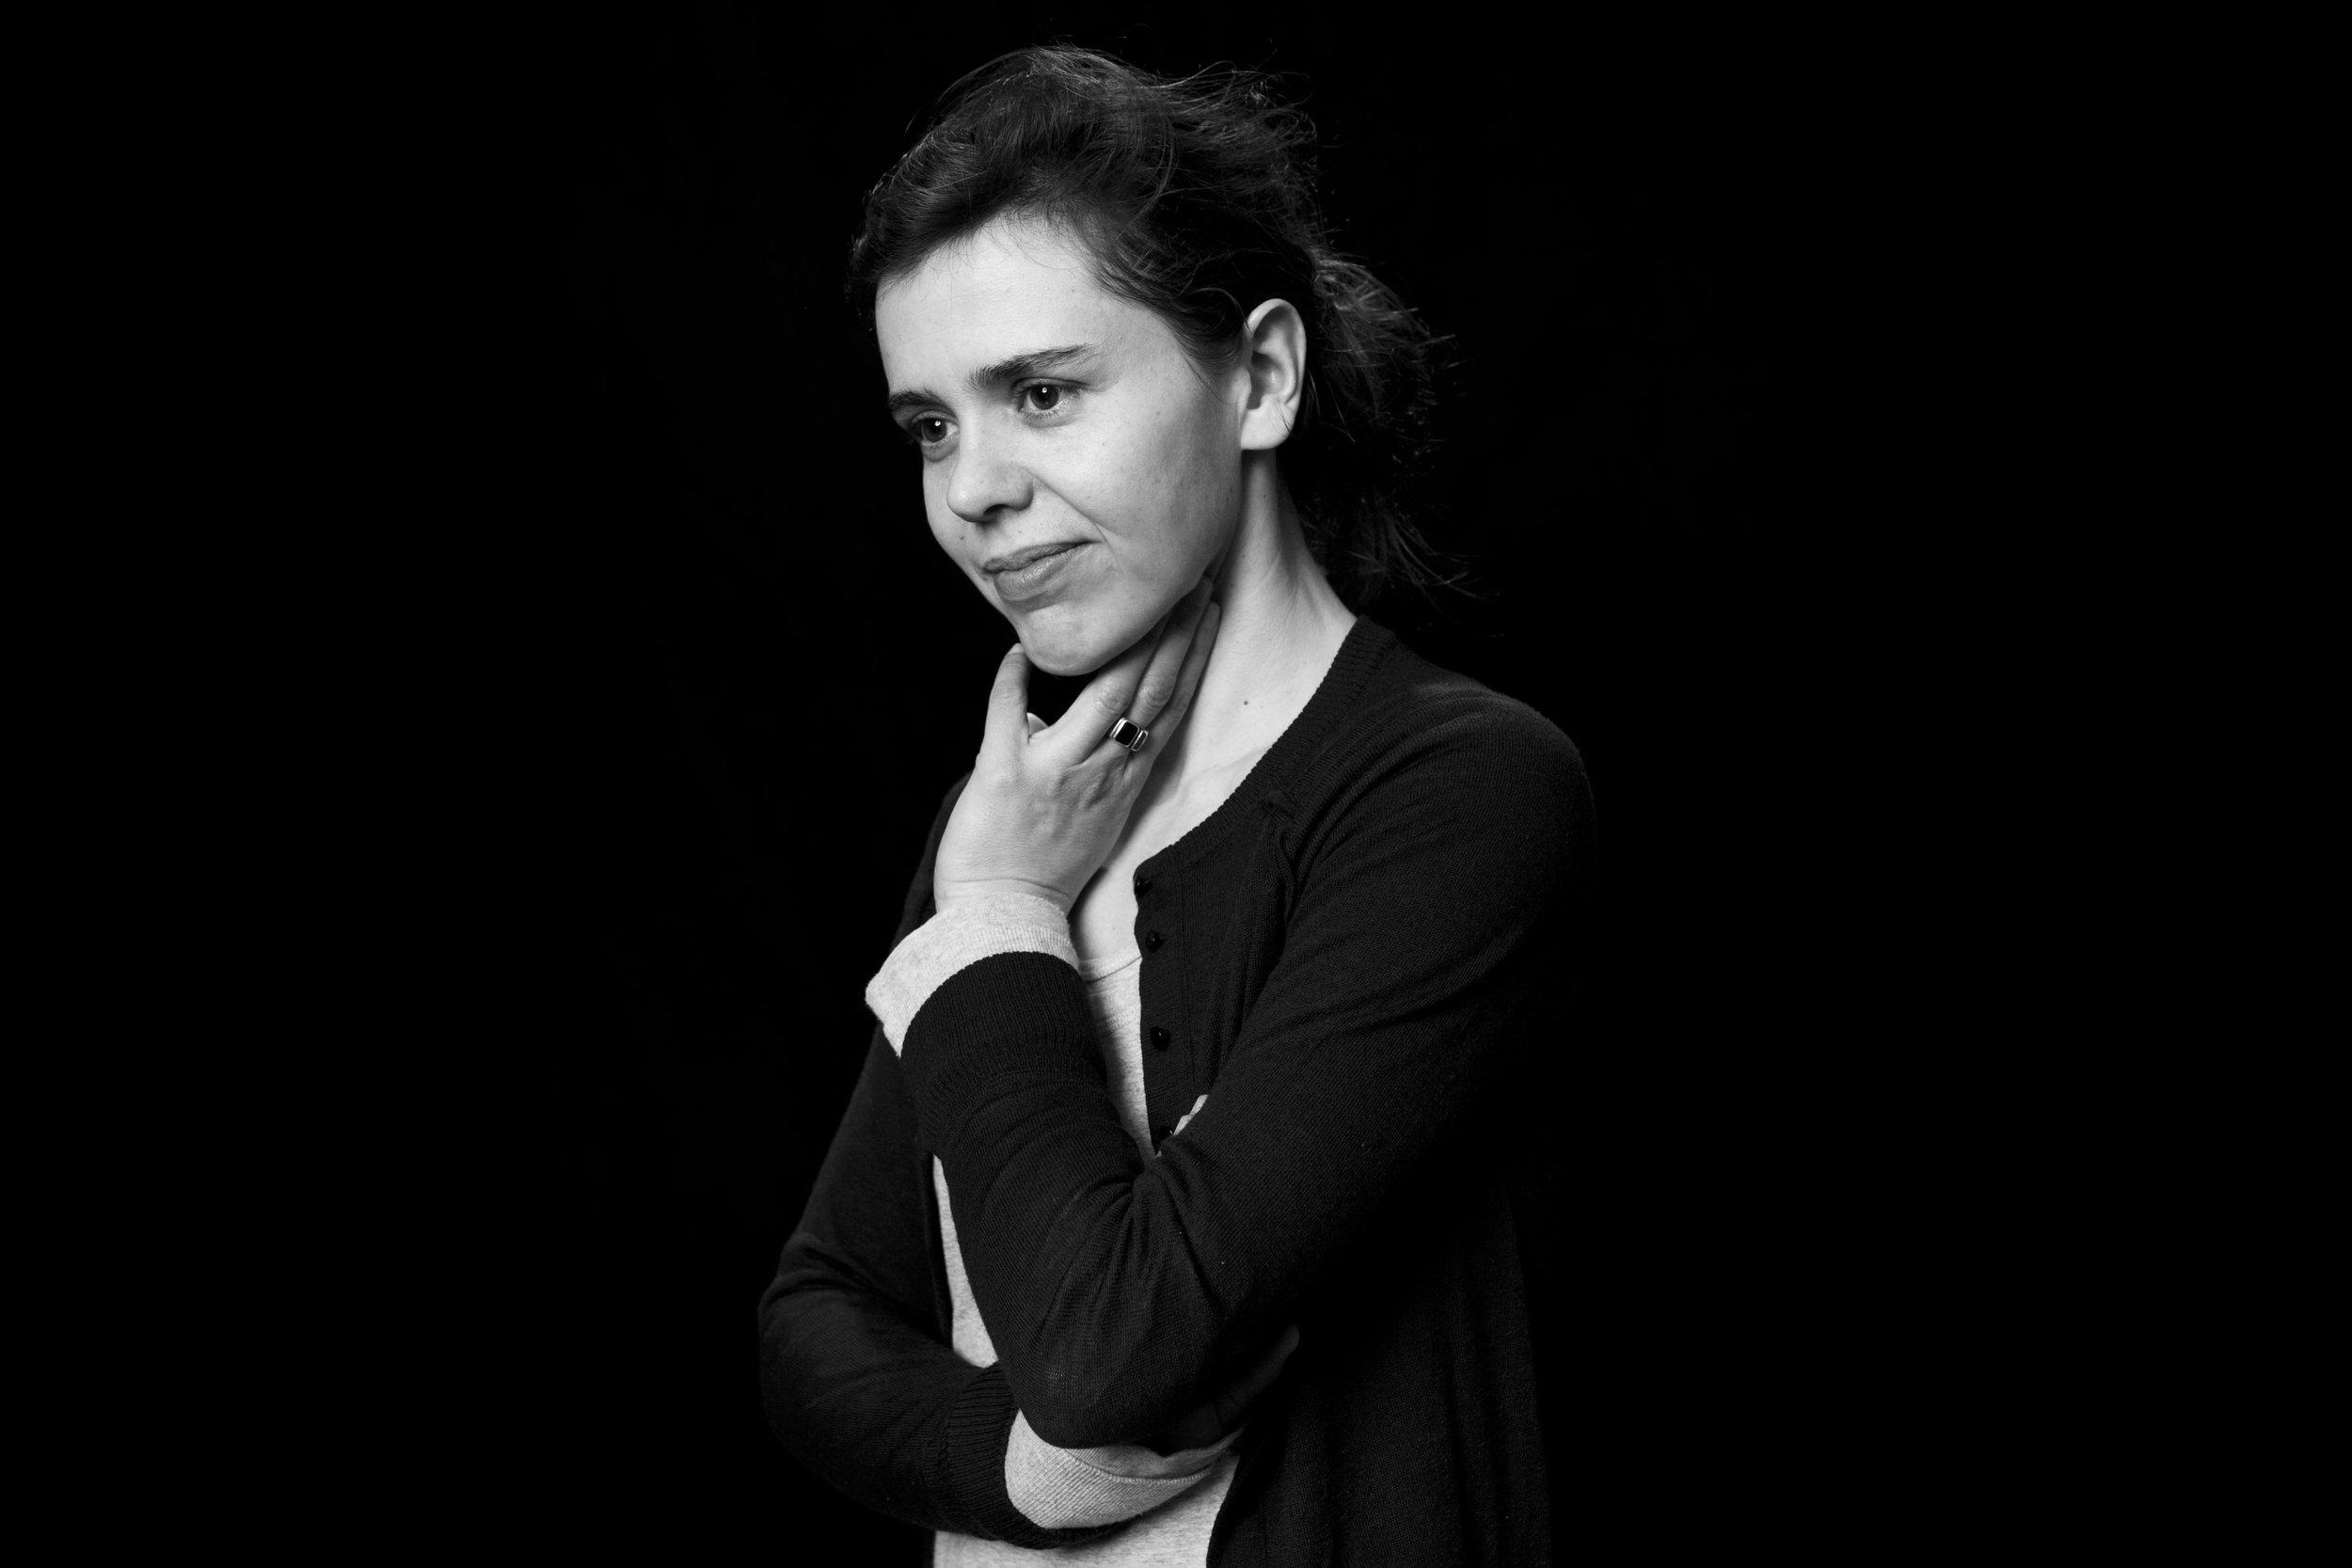 Juliette Garcias